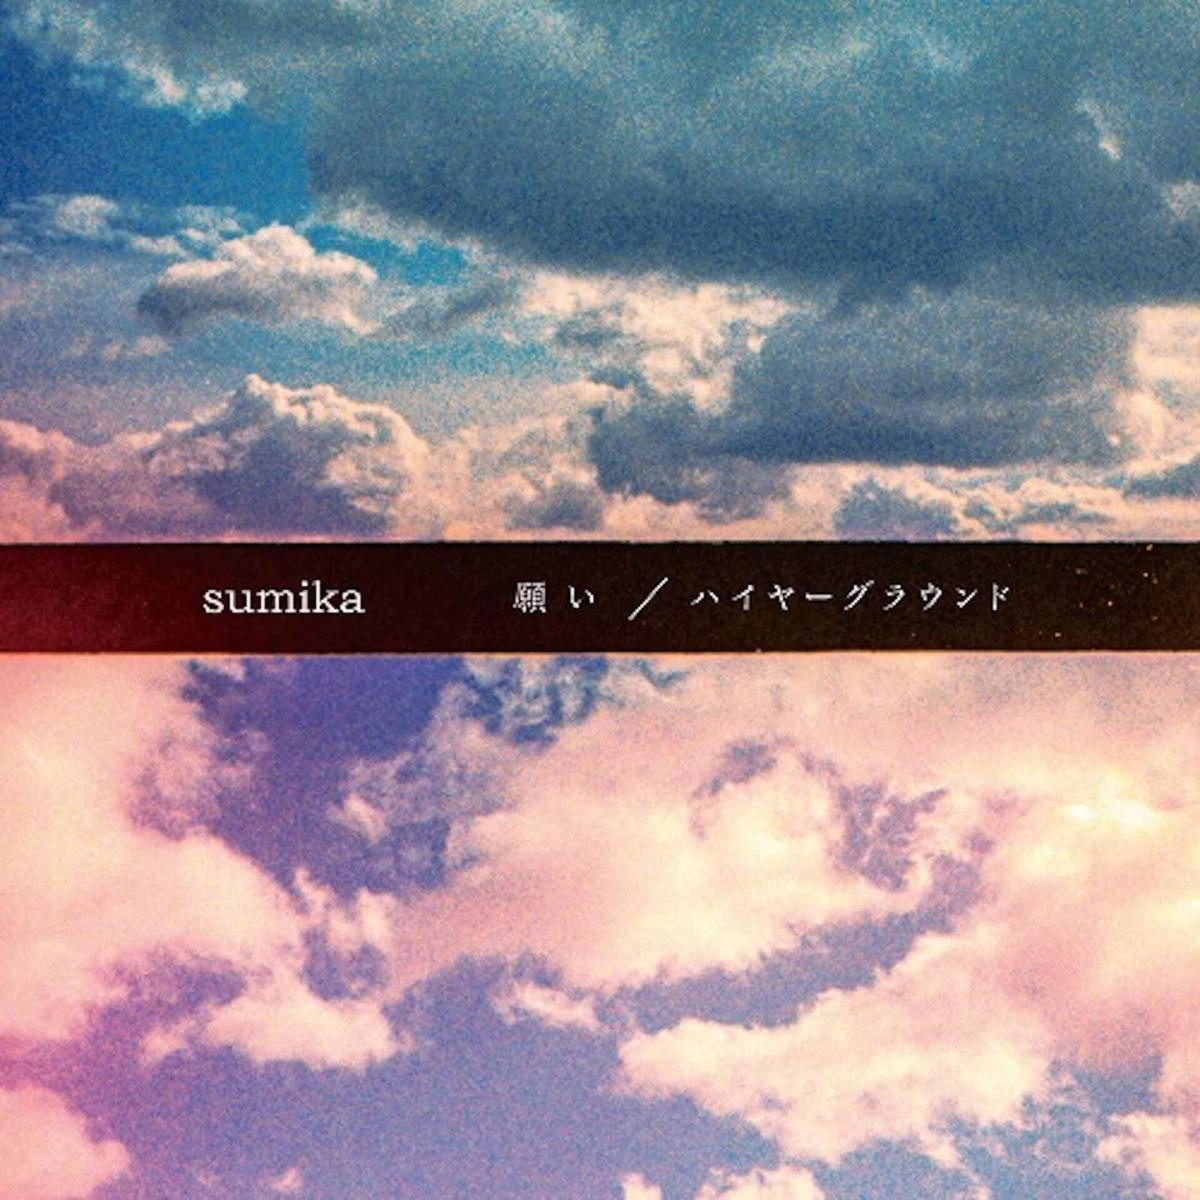 『sumika 願い 歌詞』収録の『願い/ハイヤーグラウンド』ジャケット